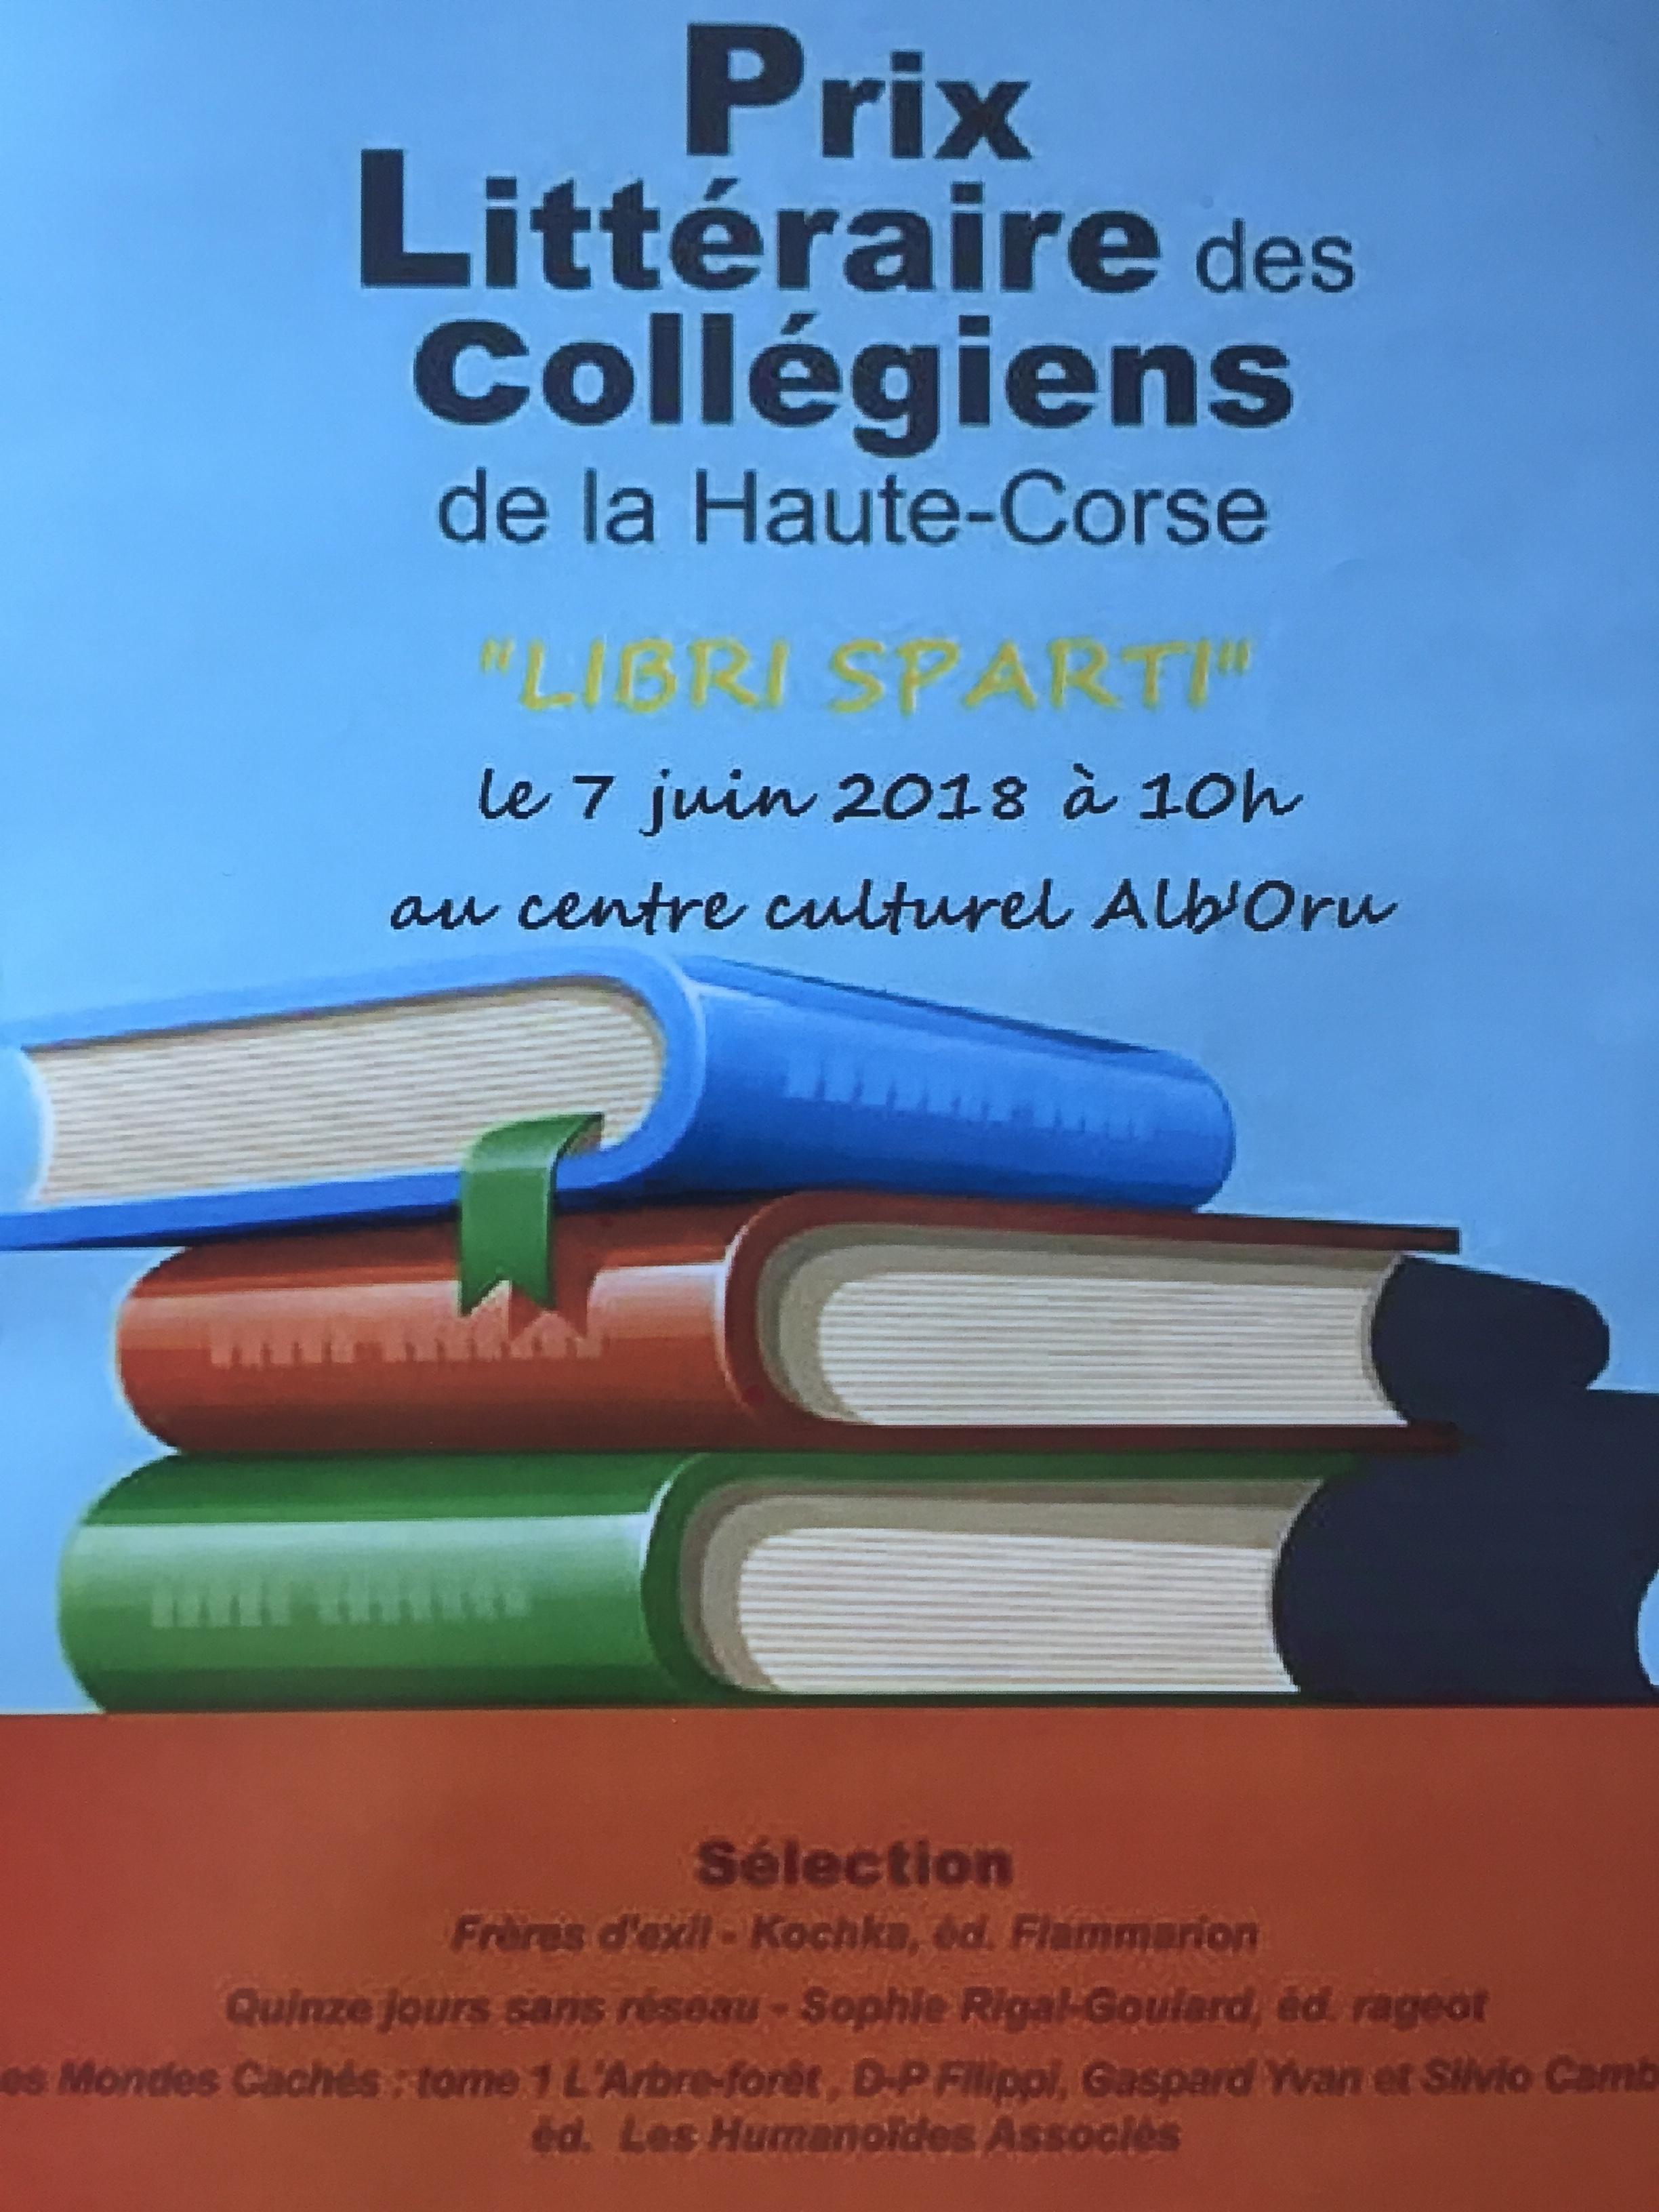 Bastia : Le prix littéraire des collégiens de la Haute-Corse a été décerné à ....